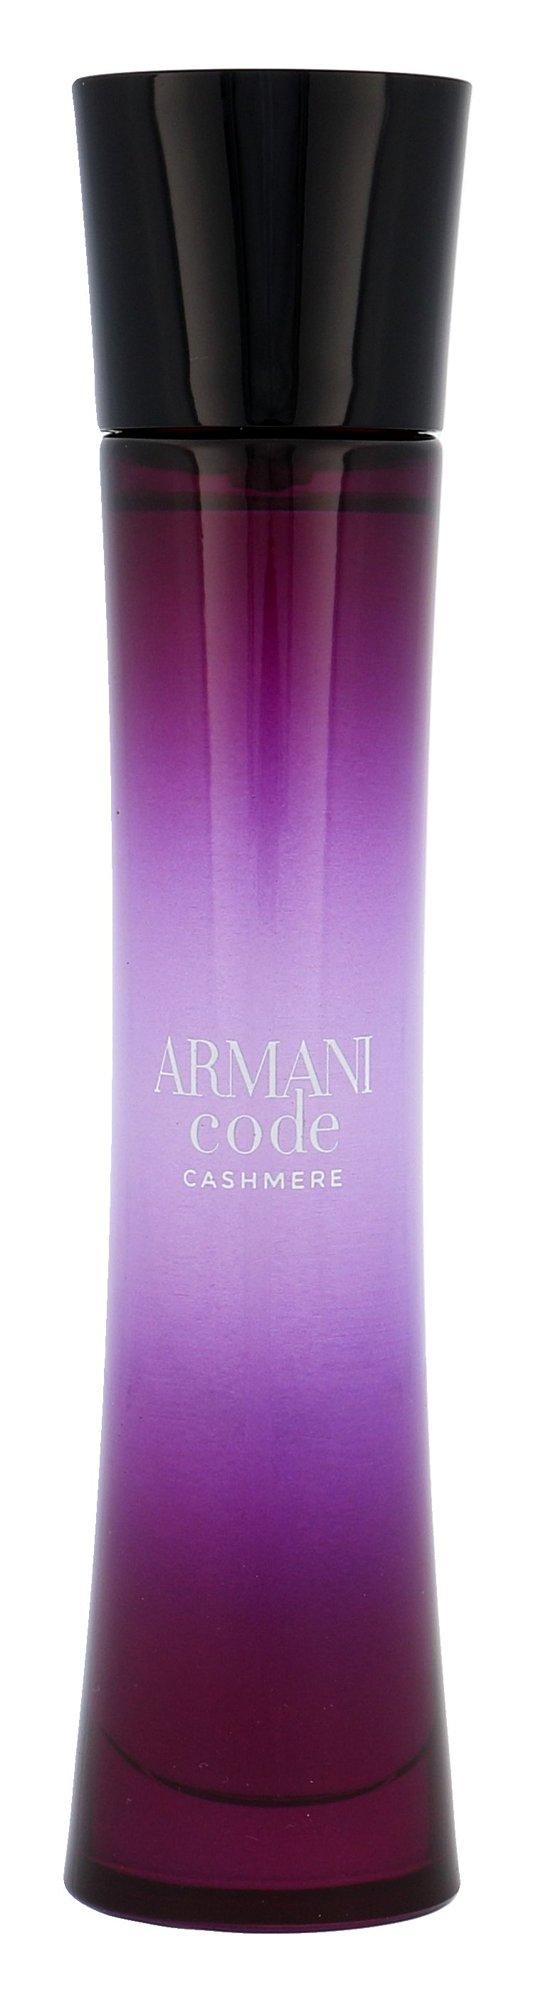 Giorgio Armani Code Cashmere Eau de Parfum 50ml